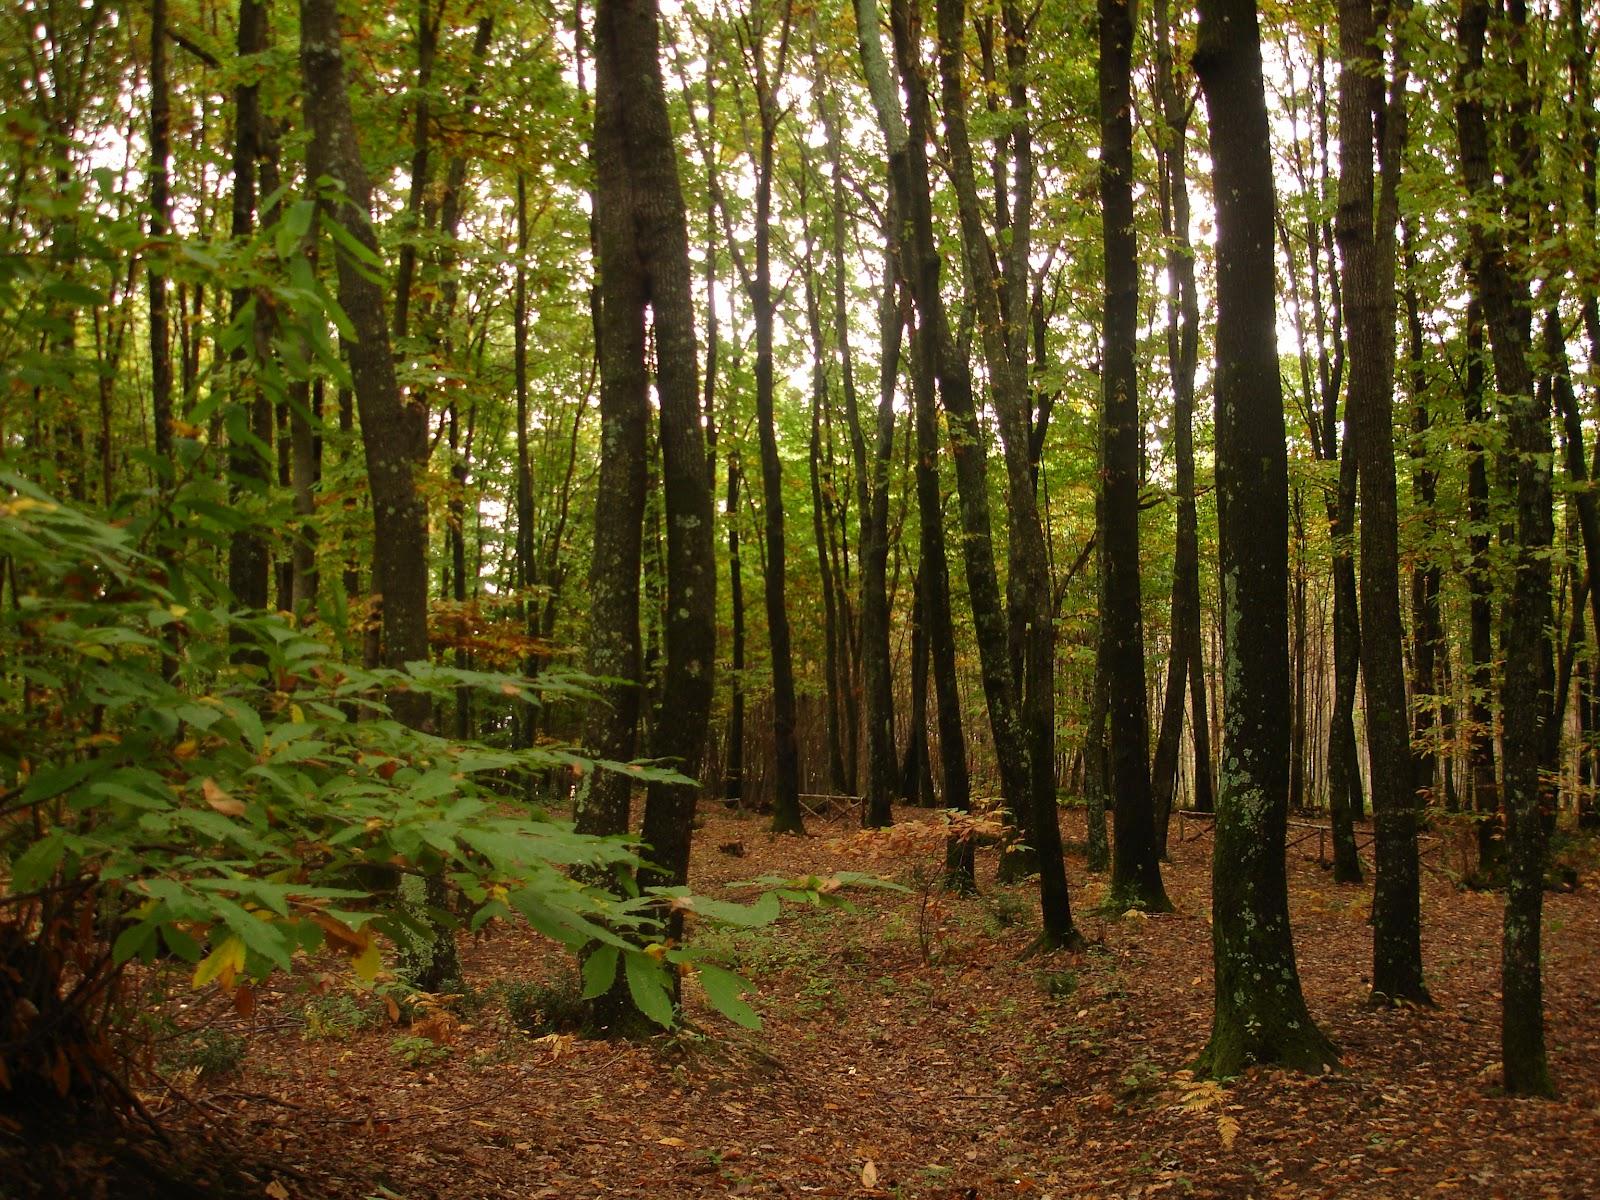 Naturamediterraneensis dalla teoria alla pratica for Cabina innevata nei boschi